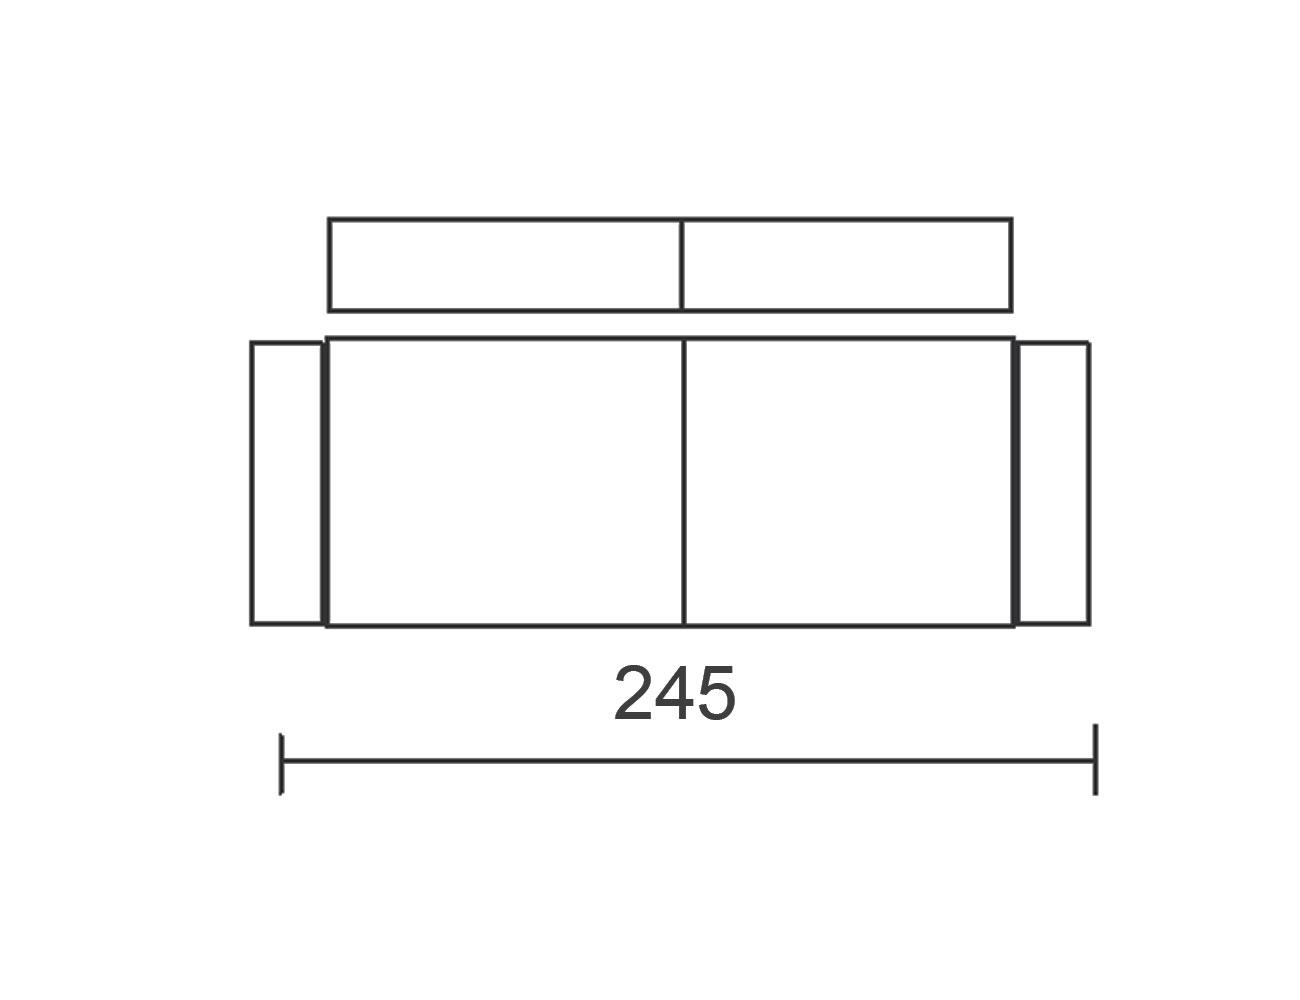 Modulo 2453